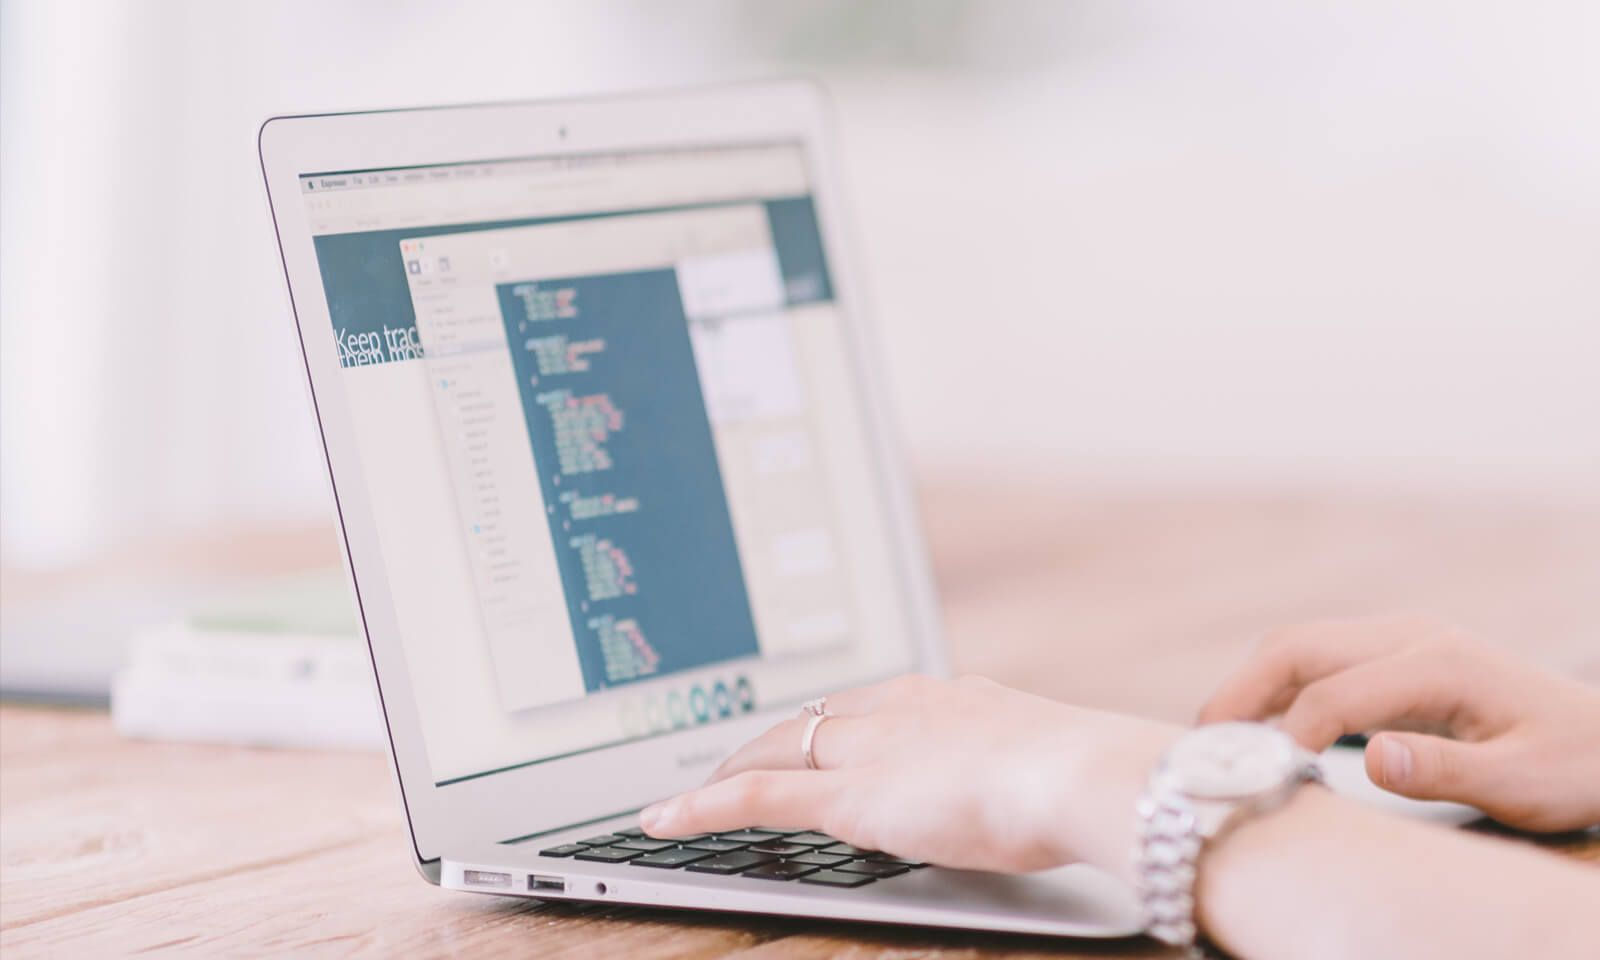 Targeting-keywords-in-blog